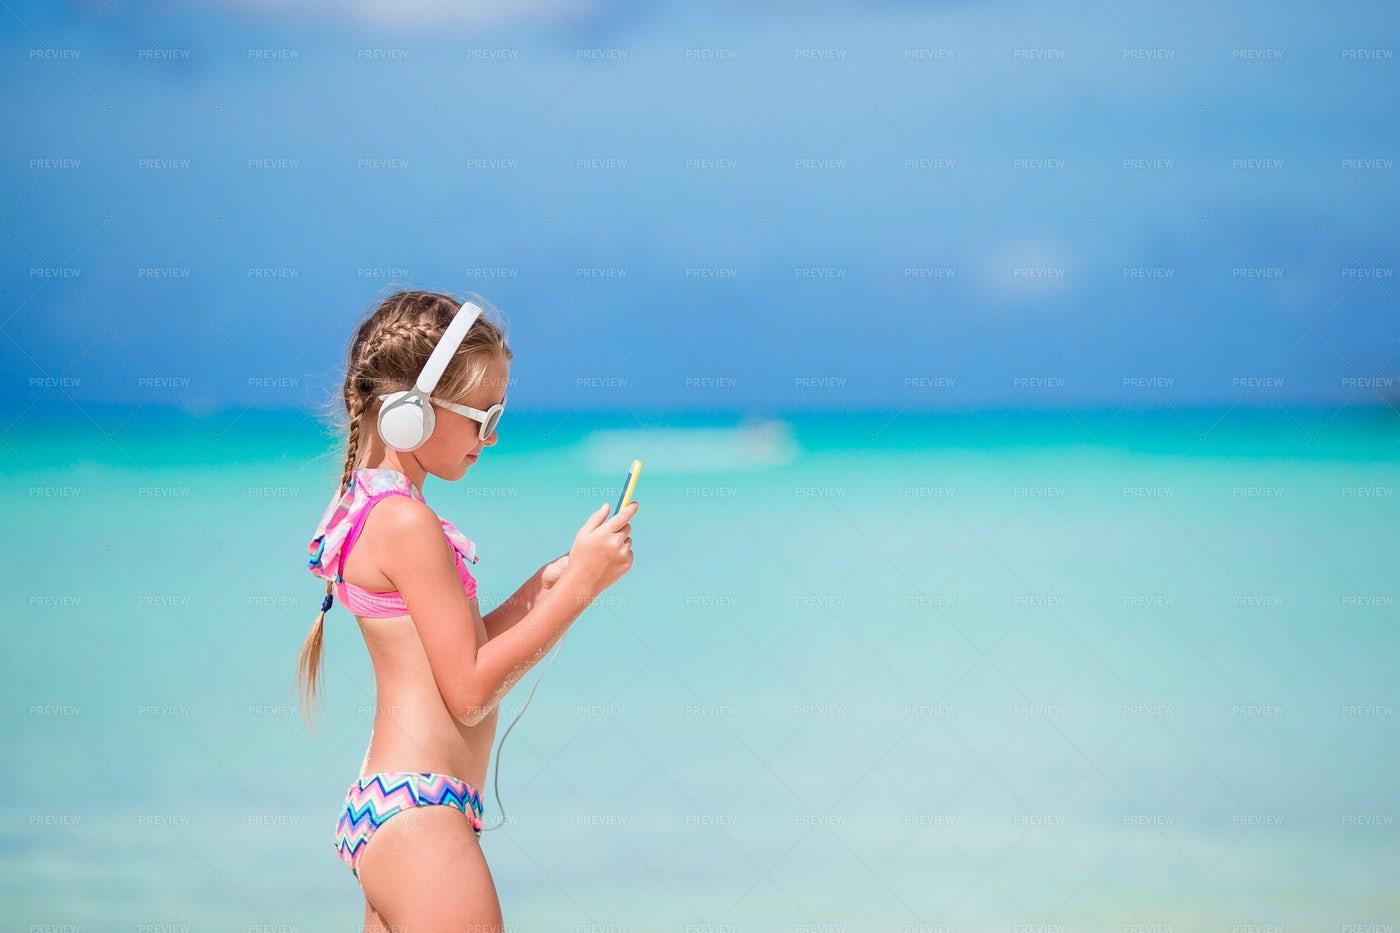 Headphones On The Beach: Stock Photos